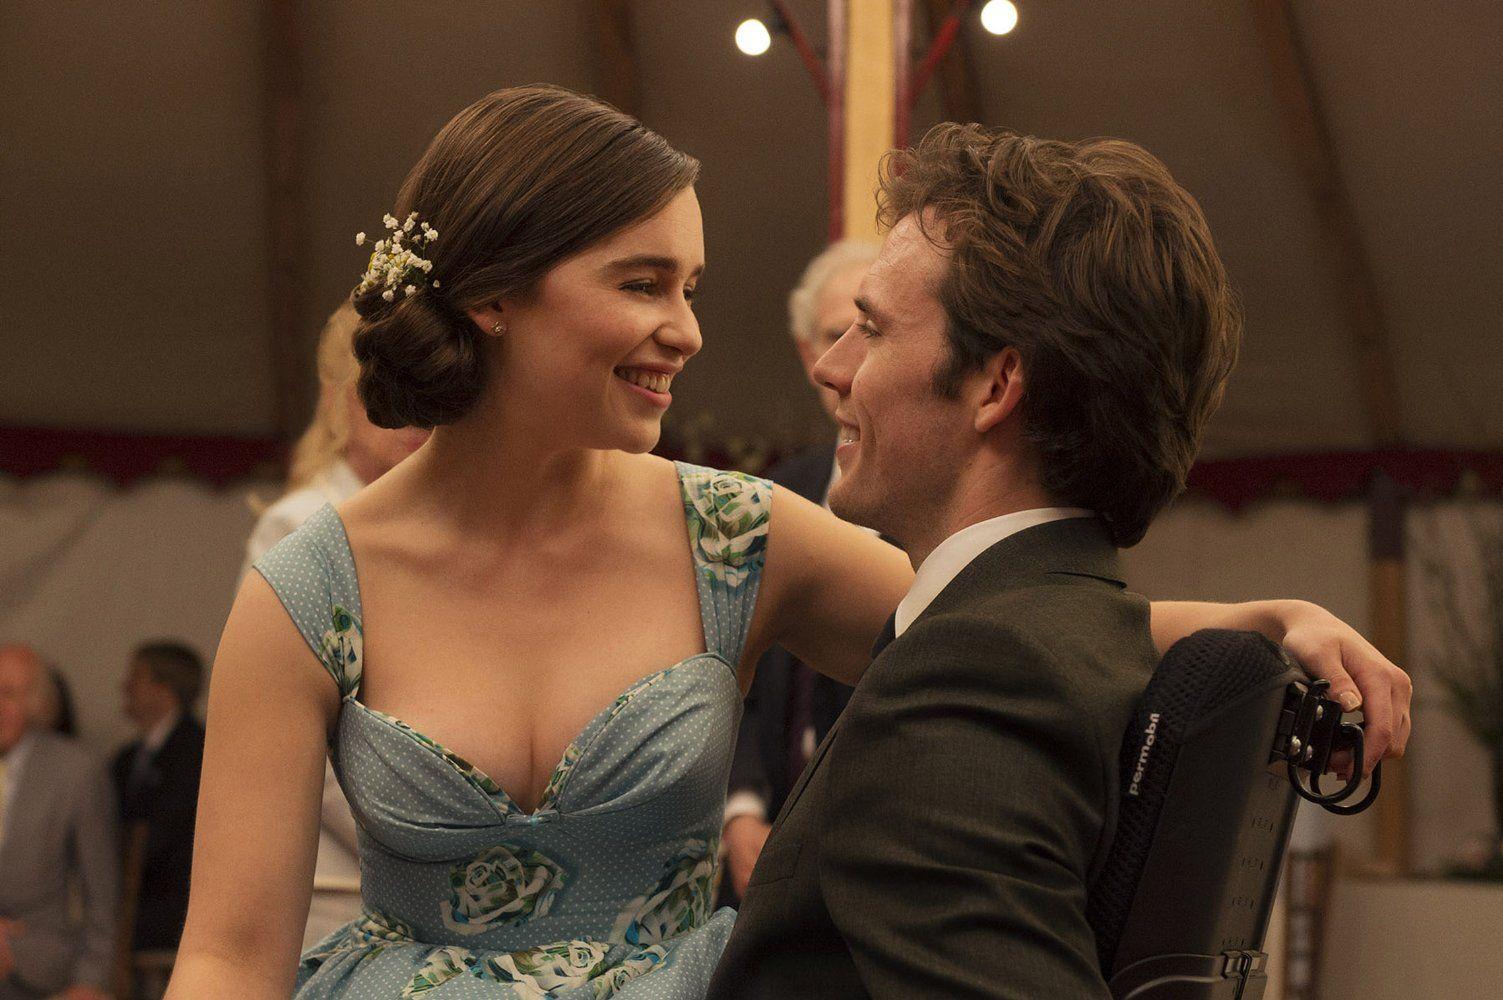 Senden Once Ben Bir 2016 Amerikan Ingiliz Romantik Komedi Drama Filmidir Film Romantik Filmler Iyi Filmler